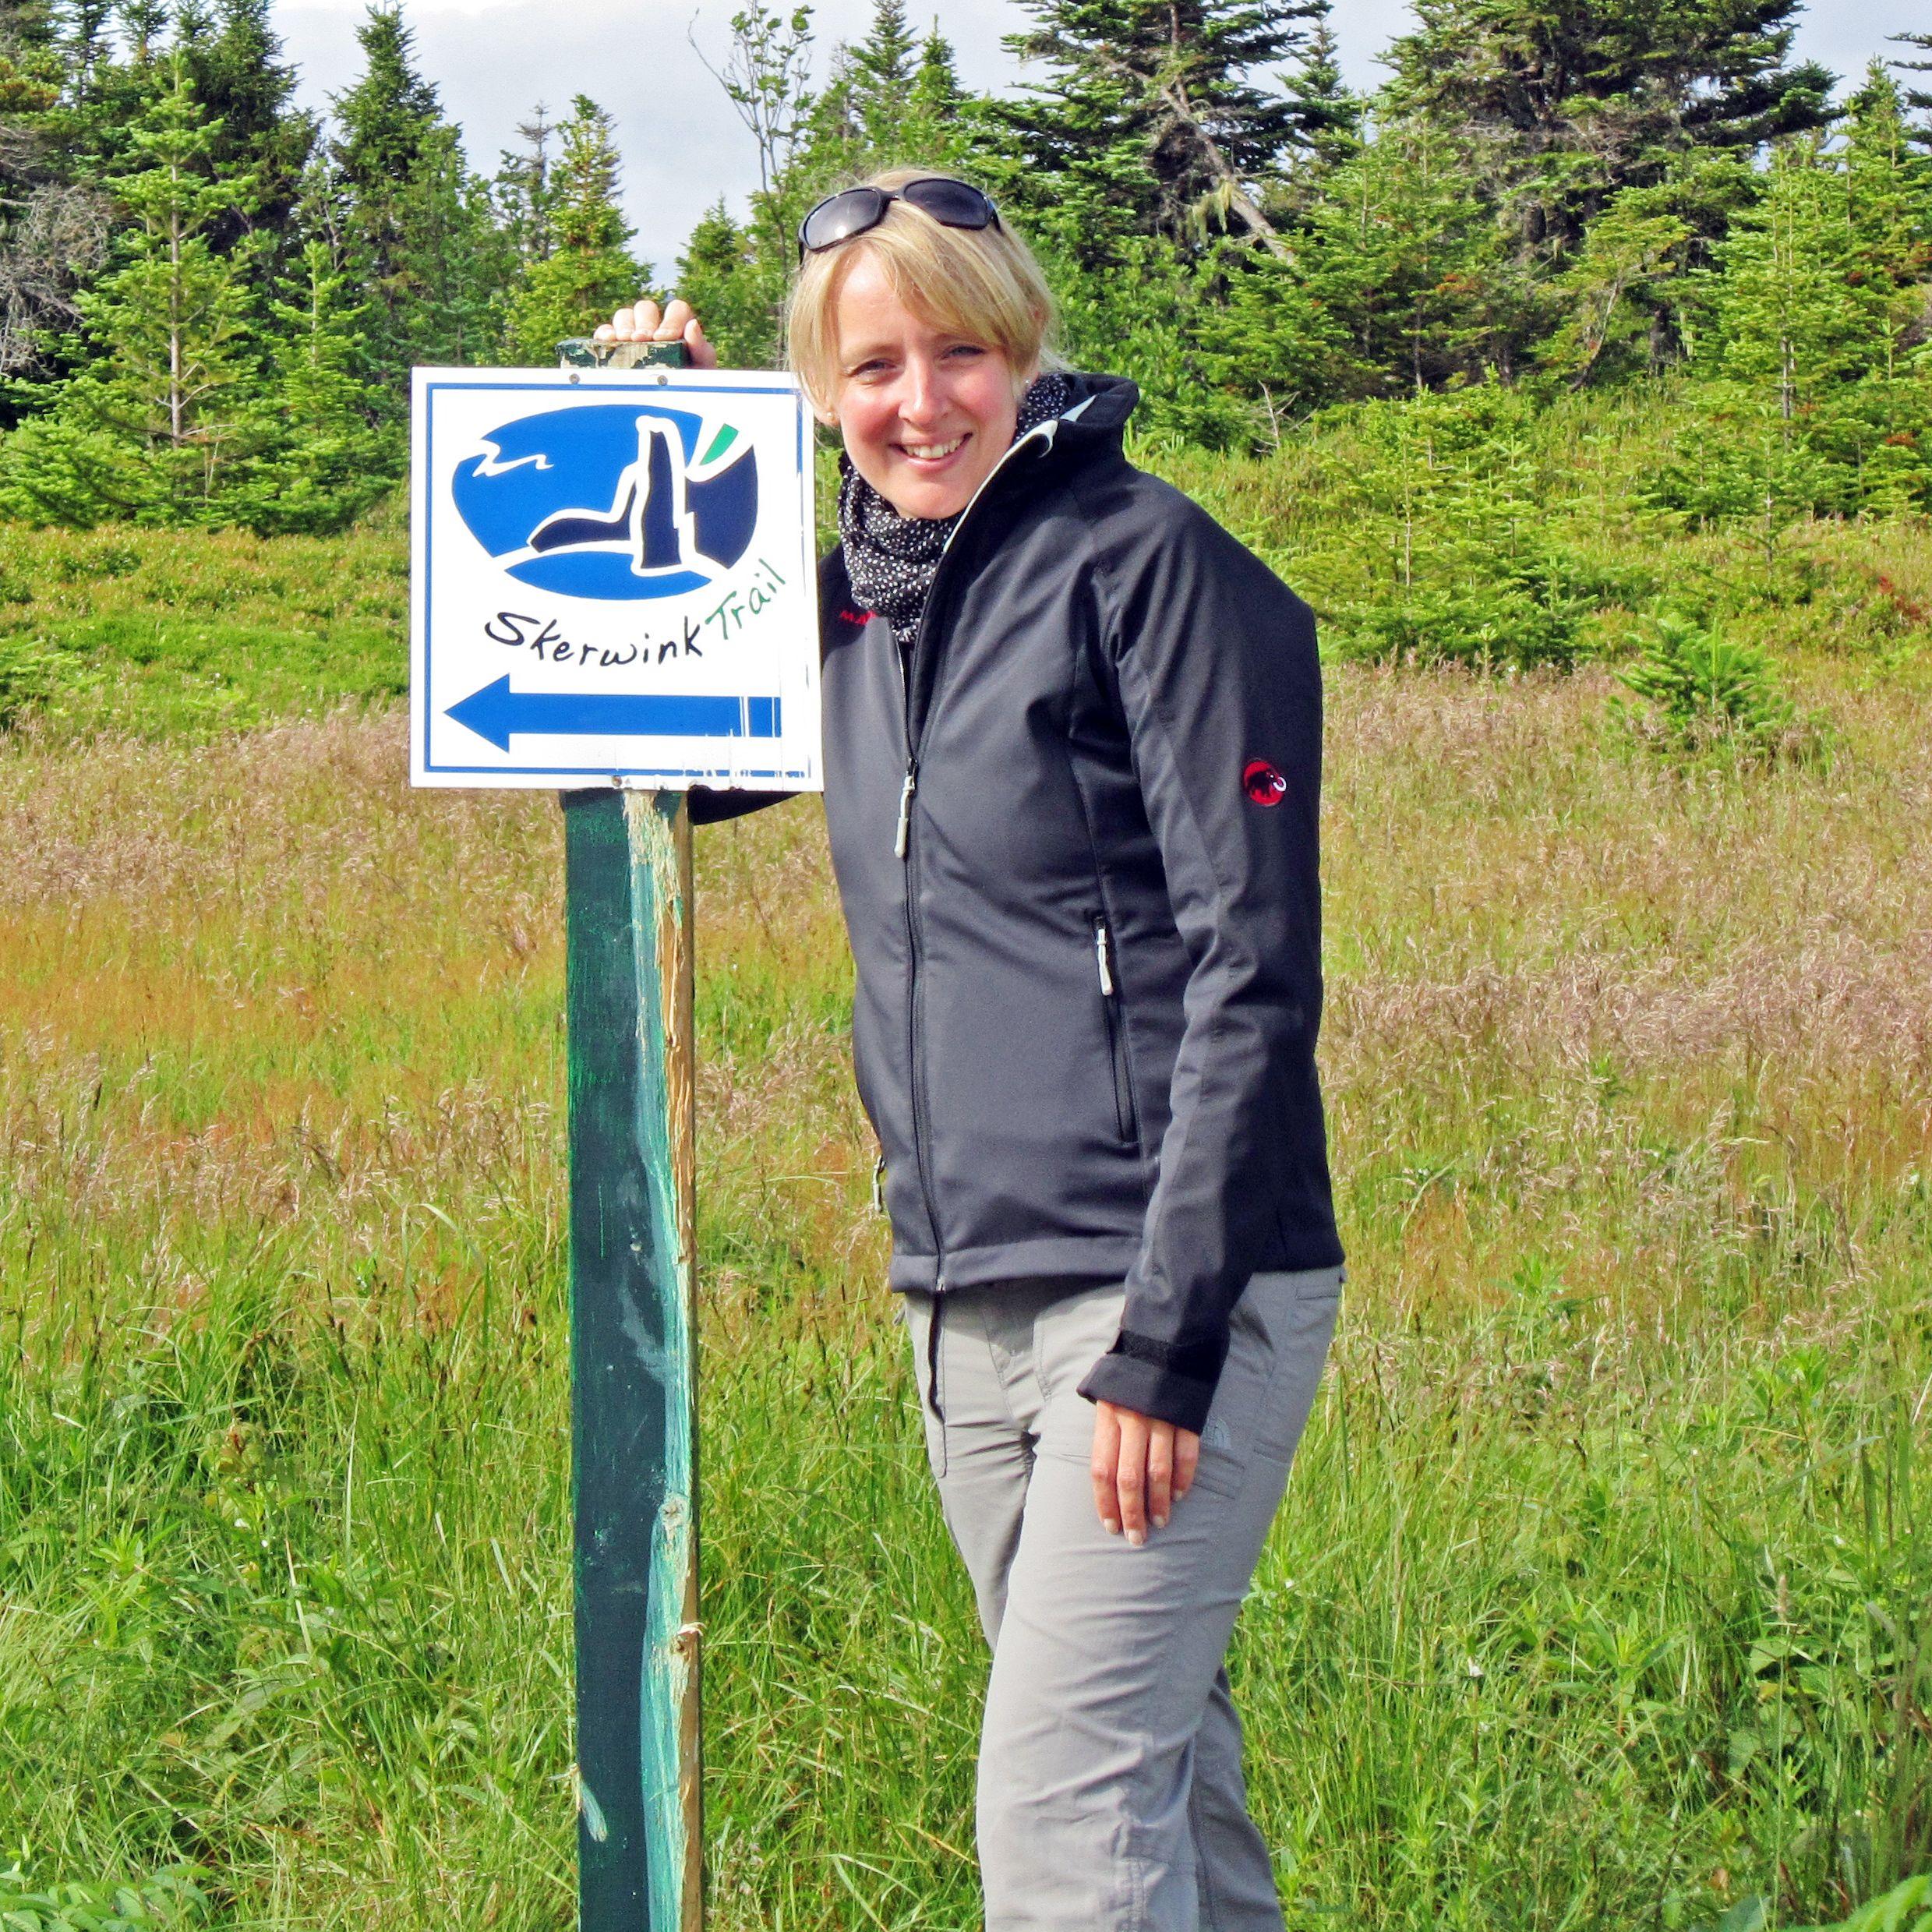 Anngret auf dem Skerwink Trail